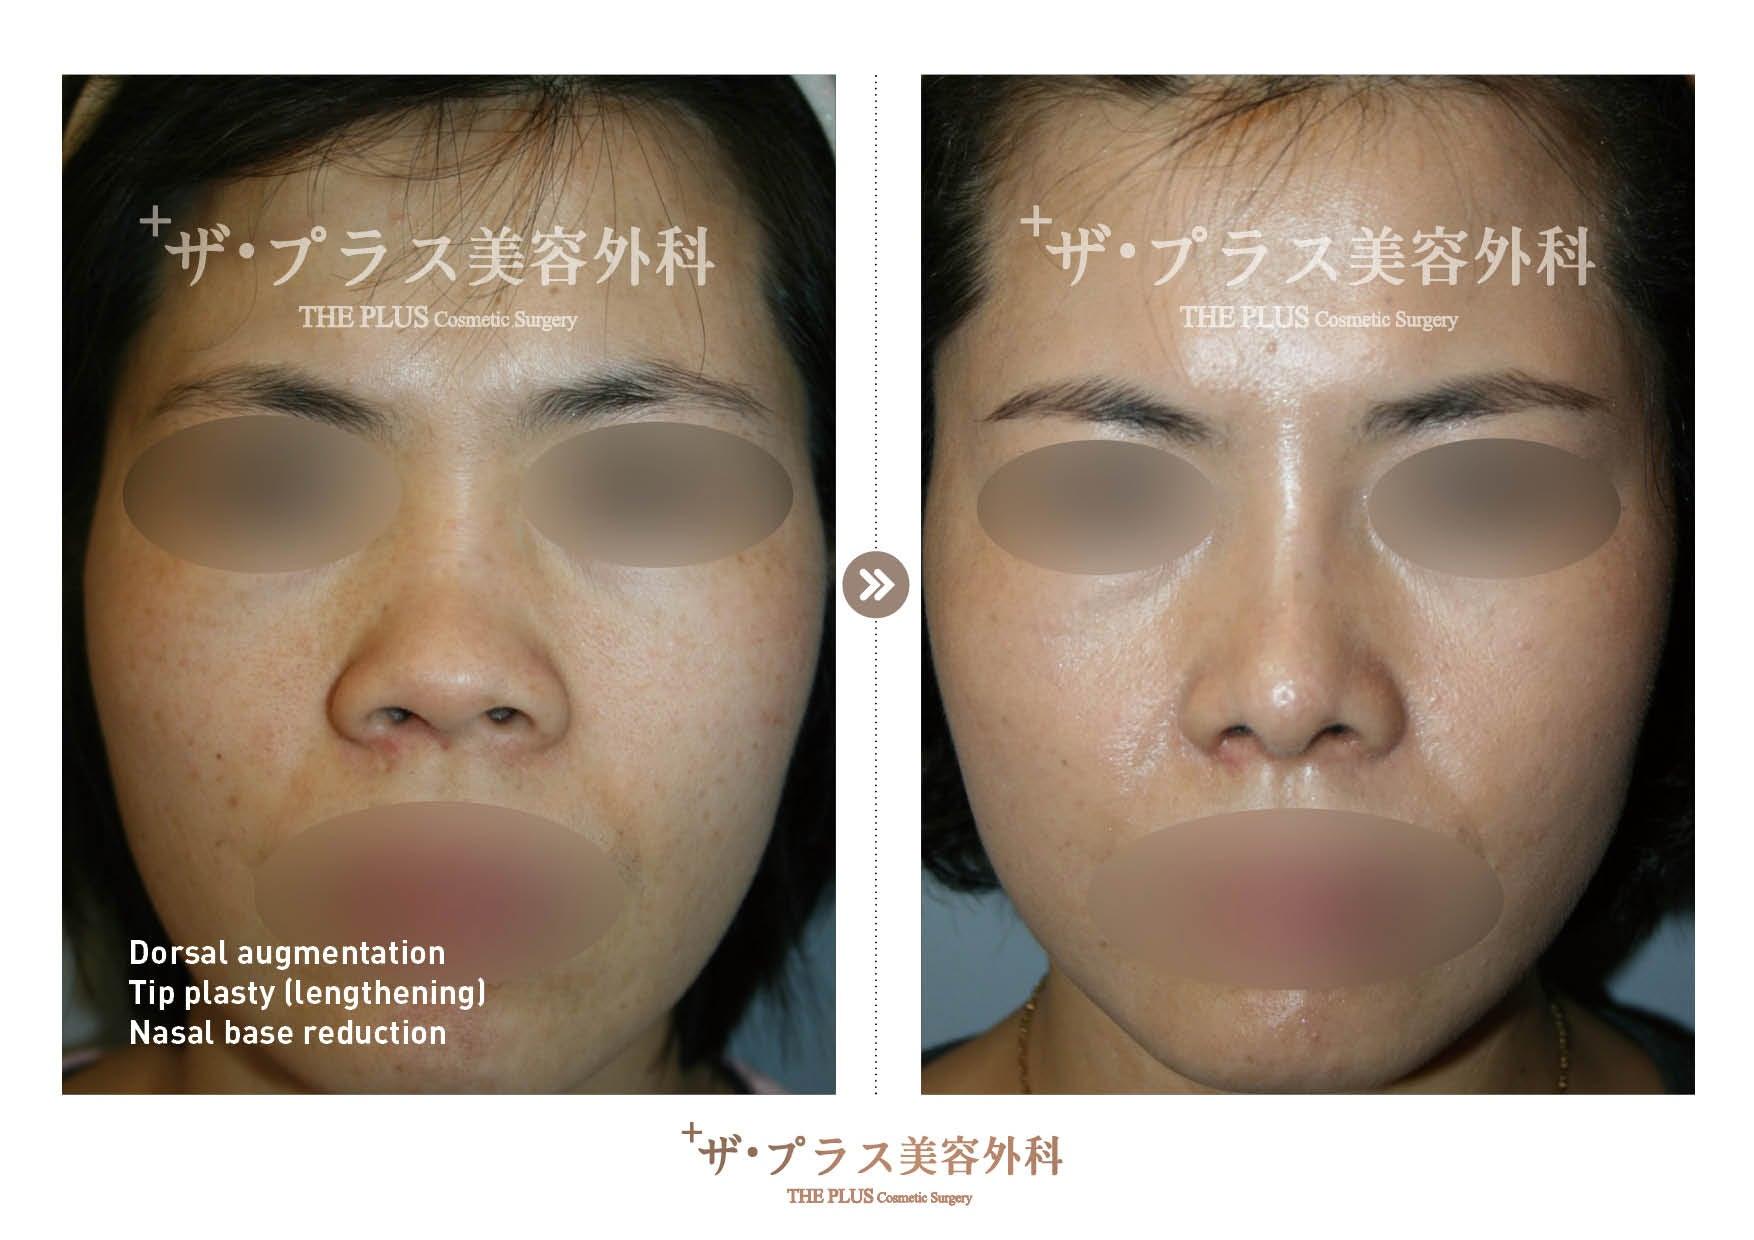 韓国鼻整形手術・韓国整形外科